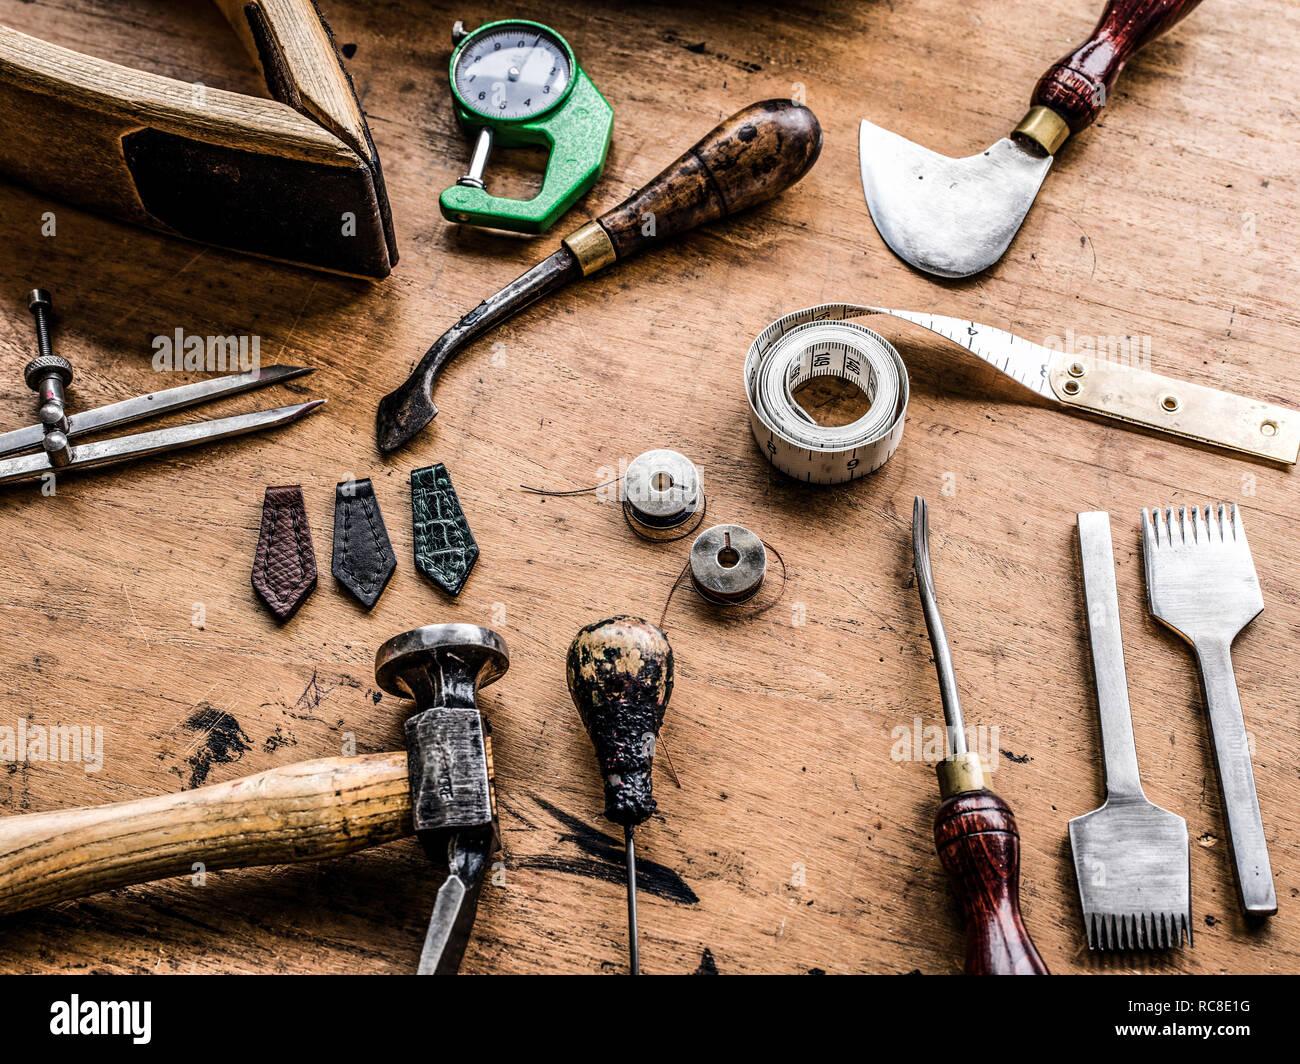 Leatherworker's Workbench con martillo, cinta métrica y herramientas especializadas, todavía la vida Foto de stock